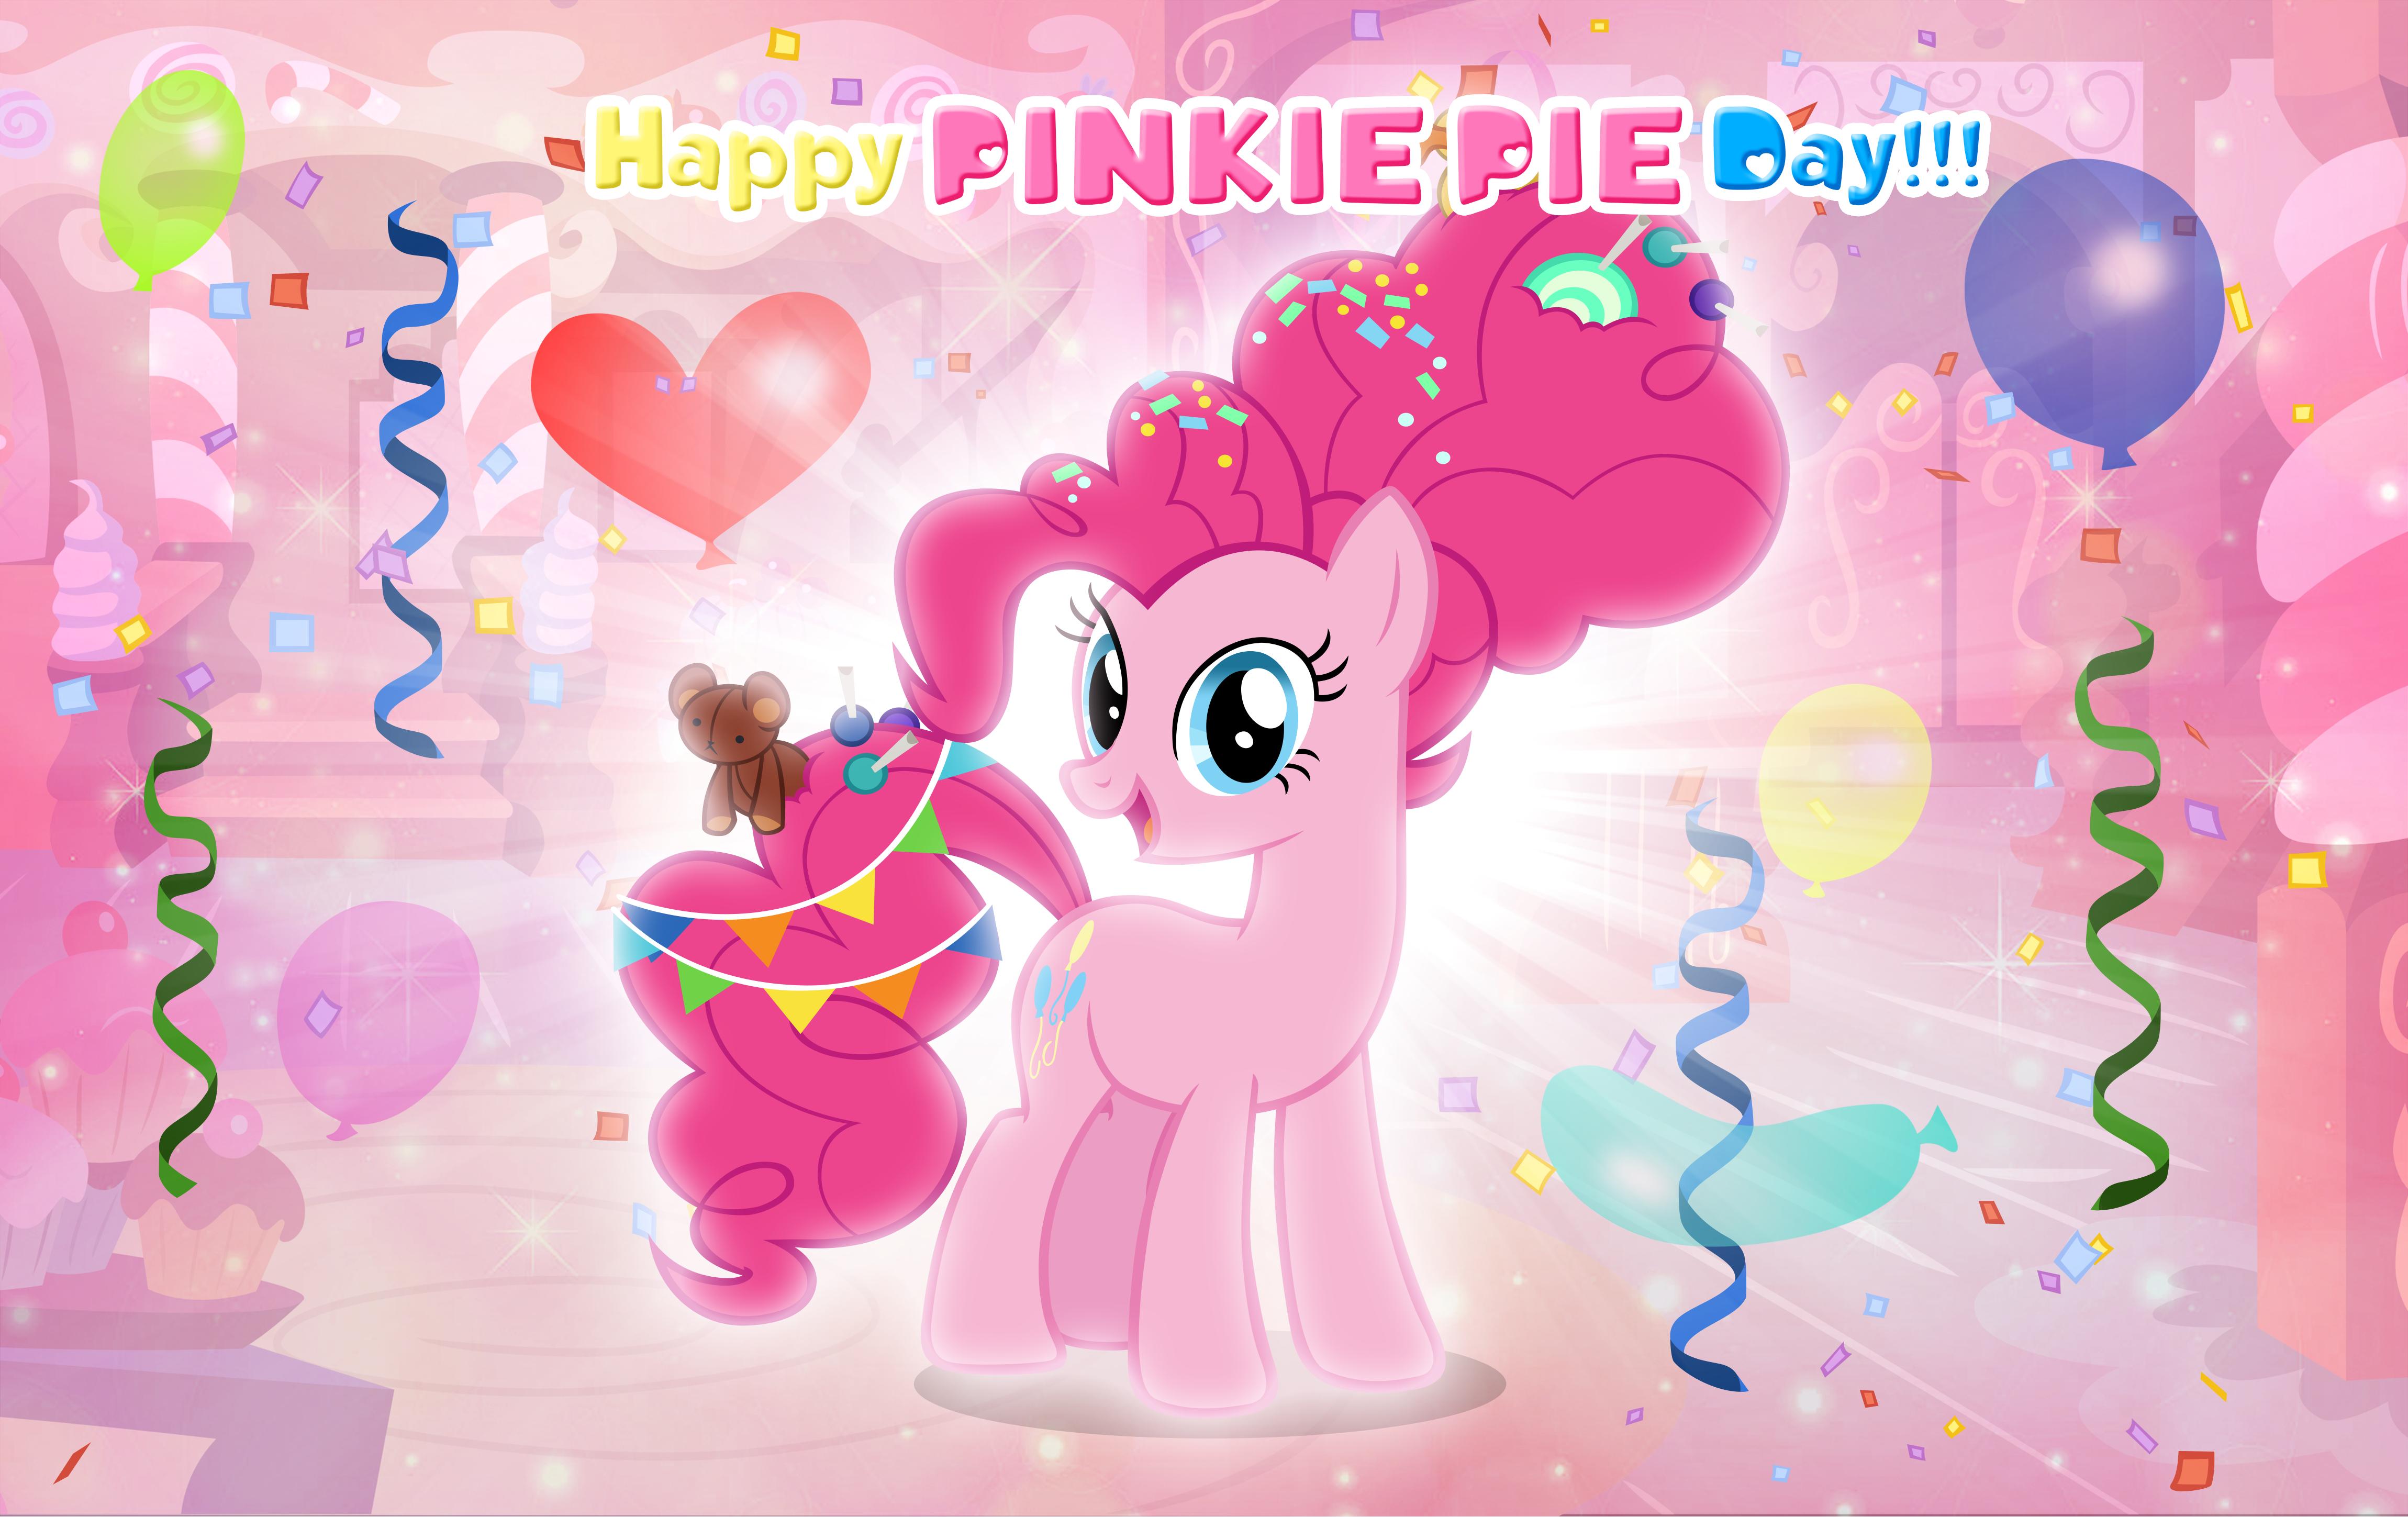 2460852 Safe Artist Andoanimalia Pinkie Pie Balloon Confetti Older Pinkie Pie Streamers Sugarcube Corner Derpiboo Pinkie Pie Pinkie World Smile Day